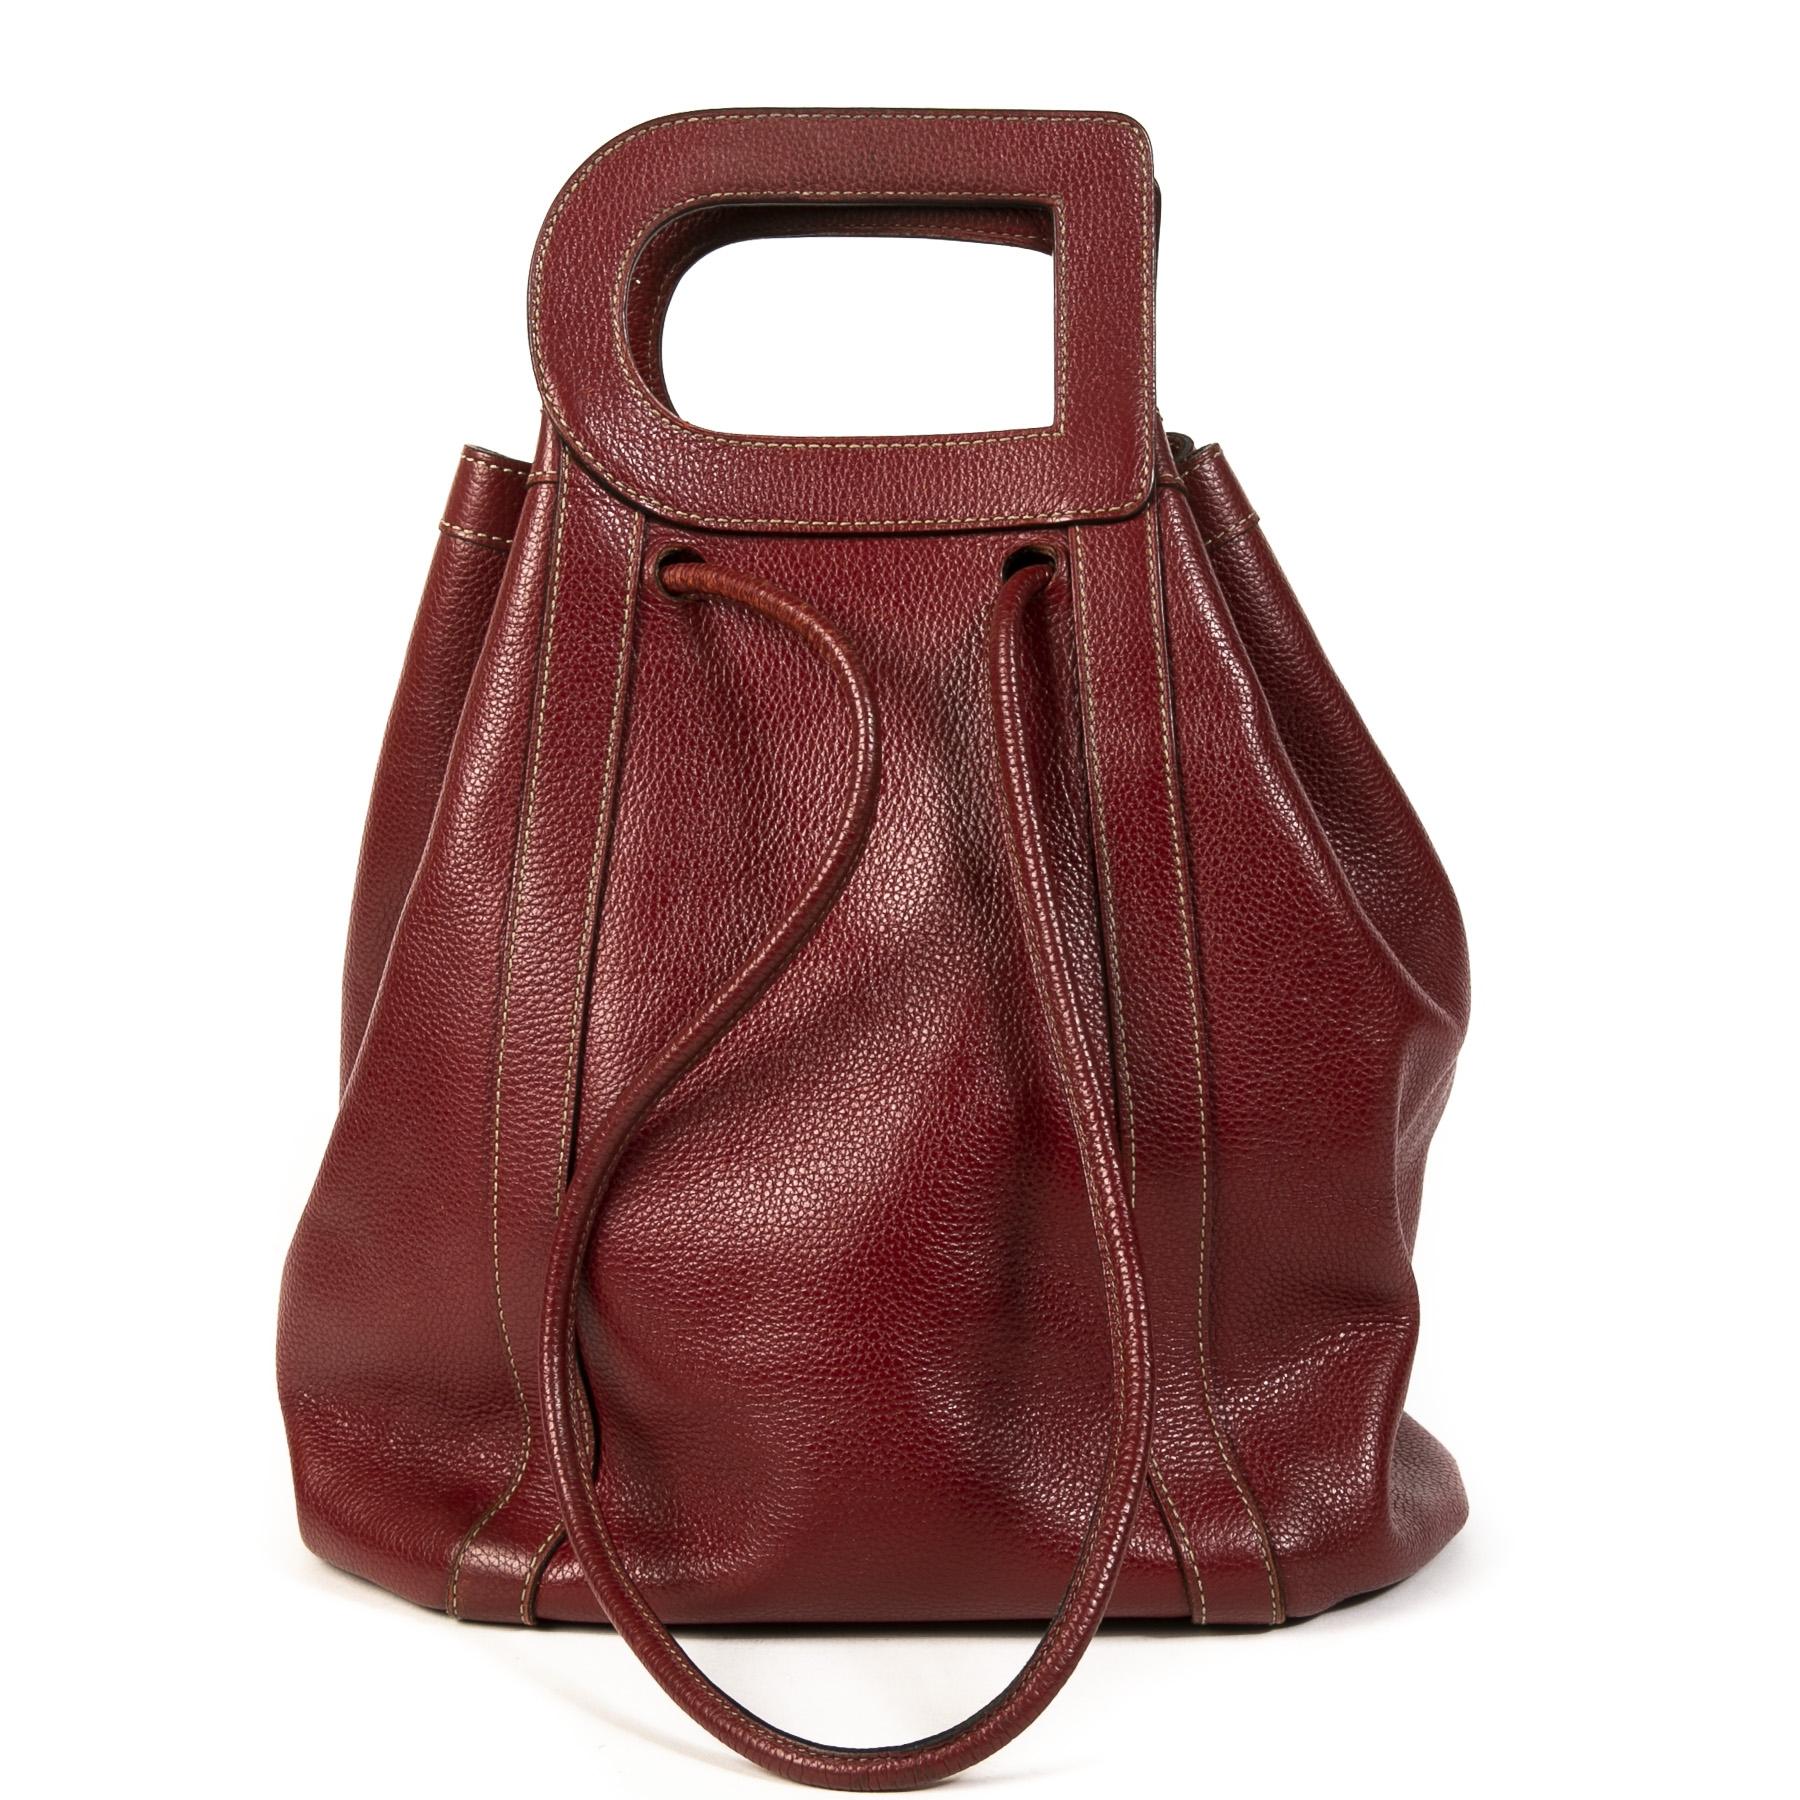 Authentieke Tweedehands Delvaux Dark Red D Drawstring Shoulder Bag juiste prijs veilig online shoppen luxe merken webshop winkelen Antwerpen België mode fashion